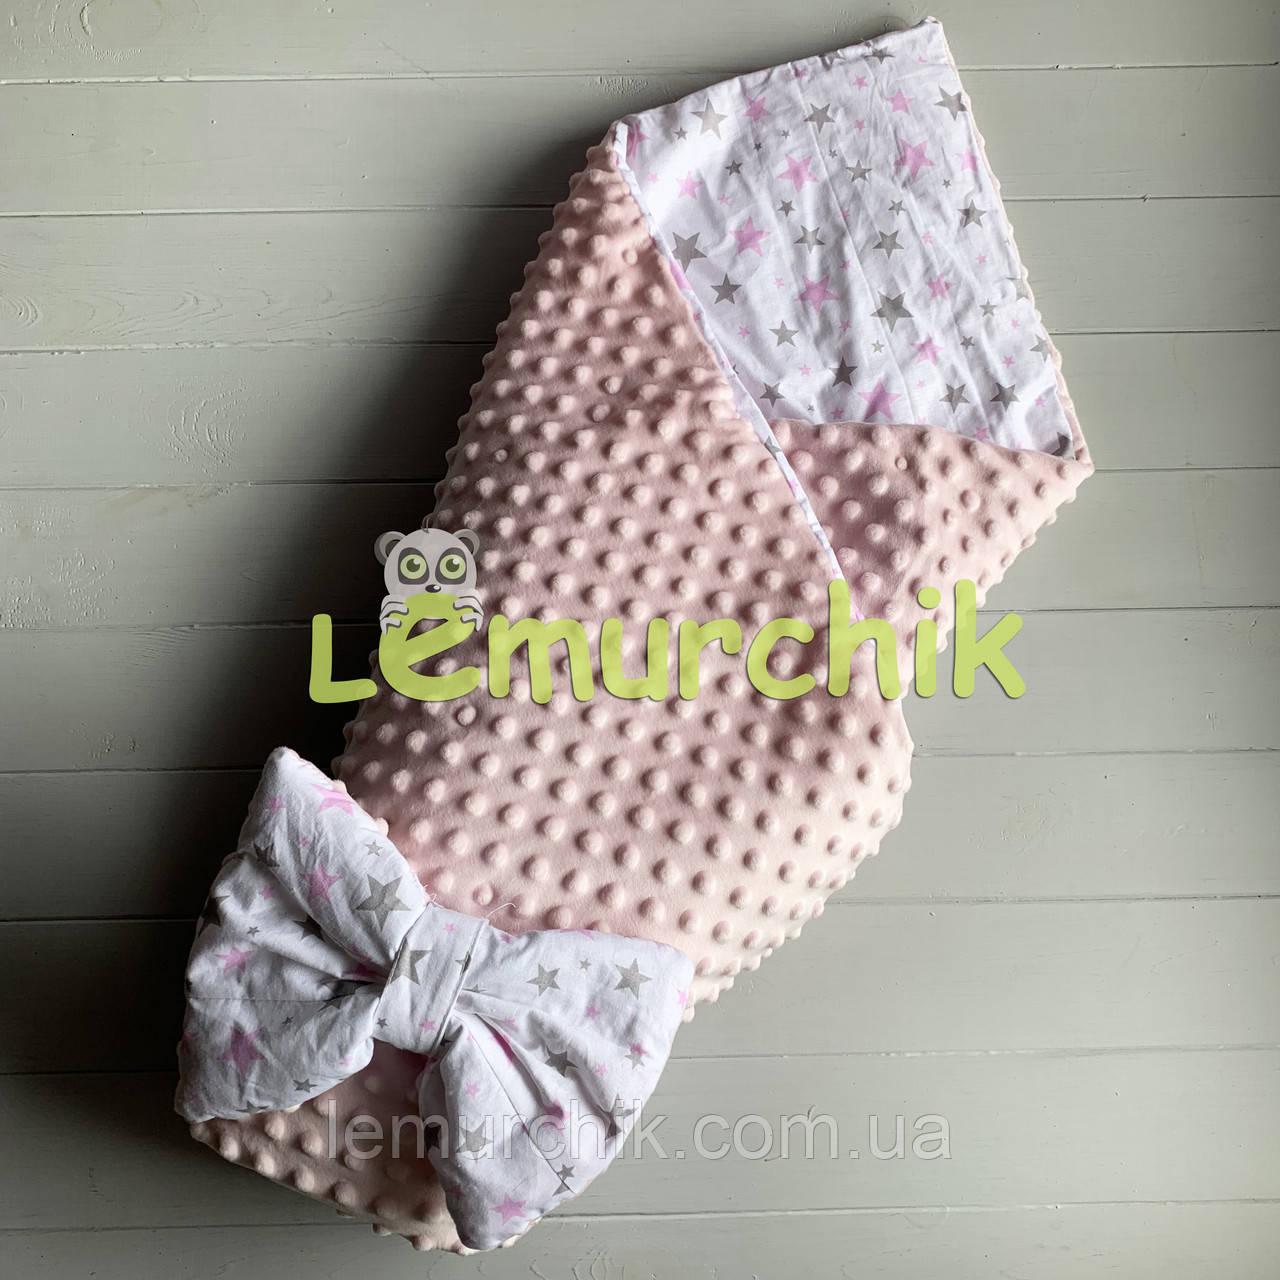 Конверт-одеяло минки на съемном синтепоне светло-розовый Звездочки